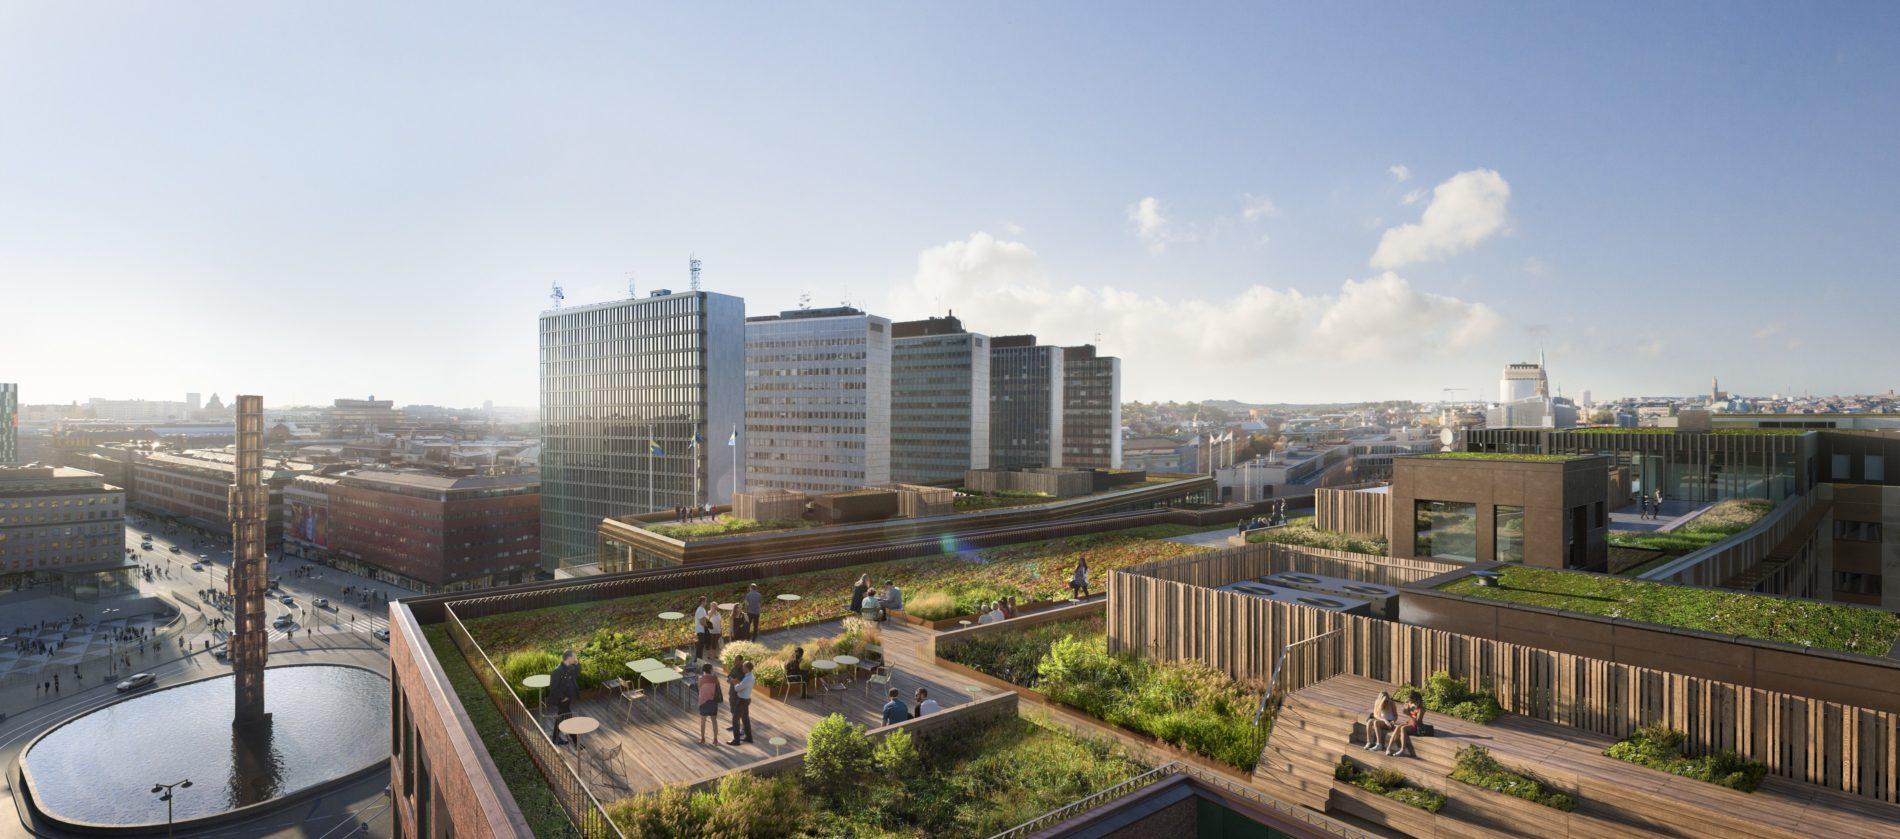 En visionsbild som visar takterrassen på ett av Sergelhusen och hur utsikten ser ut.